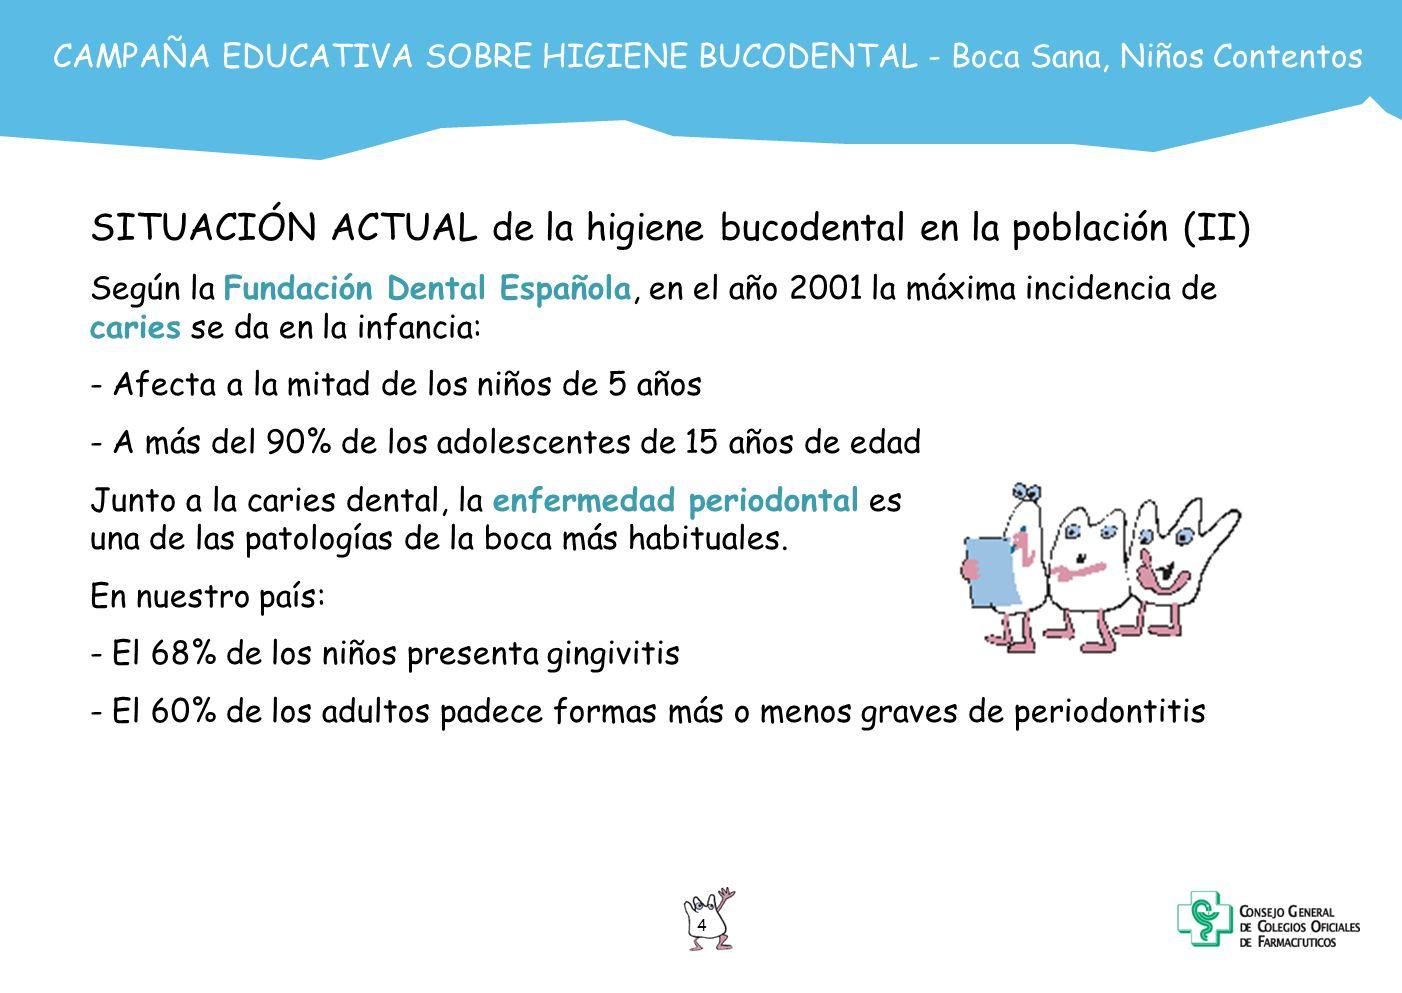 5 CAMPAÑA EDUCATIVA SOBRE HIGIENE BUCODENTAL - Boca Sana, Niños Contentos SITUACIÓN ACTUAL de la higiene bucodental en la población (III) Según la Encuesta Nacional de Salud 1997, la población adulta no presenta una actitud muy preventiva en los temas de salud bucodental: En la población adulta: - Sólo el 16% de la población igual o mayor a 16 años ha acudido a los servicios odontológicos en el último trimestre - El 28% de los anteriores lo hizo para revisión o chequeo y el resto para tratamiento de enfermedades dentales ya establecidas - El tiempo medio desde la última visita al odontólogo es de 4 años En la población infantil: - El 22% del grupo de 0-15 años ha acudido al odontólogo en los últimos 3 meses - El tiempo medio desde la ultima consulta es de 16 meses - El motivo principal de la consulta es revisión o chequeo